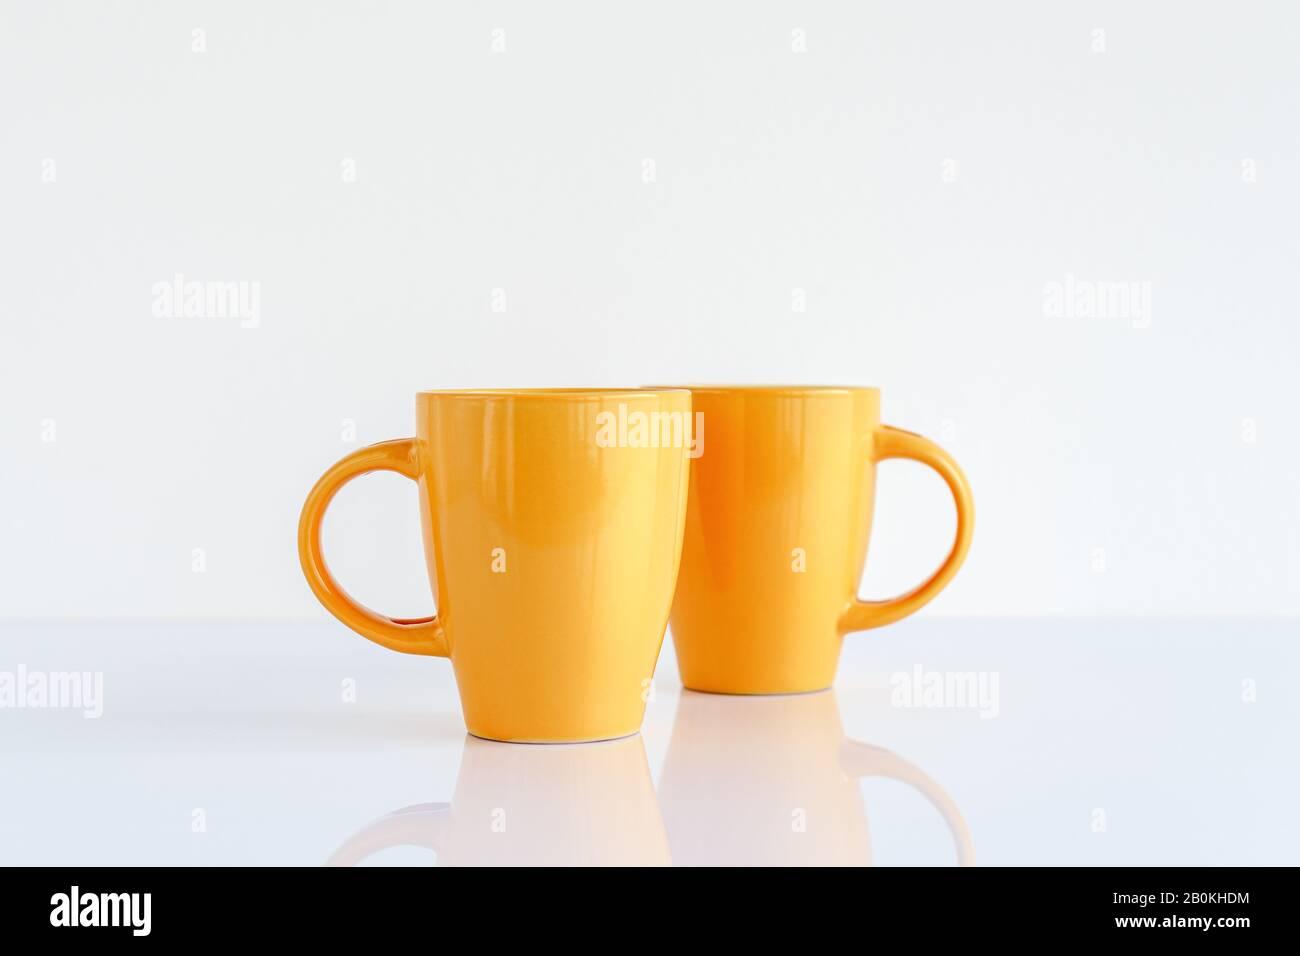 Zwei gelbe Kaffeetassen auf dem Tisch, Tassen aufspotten Stockfoto